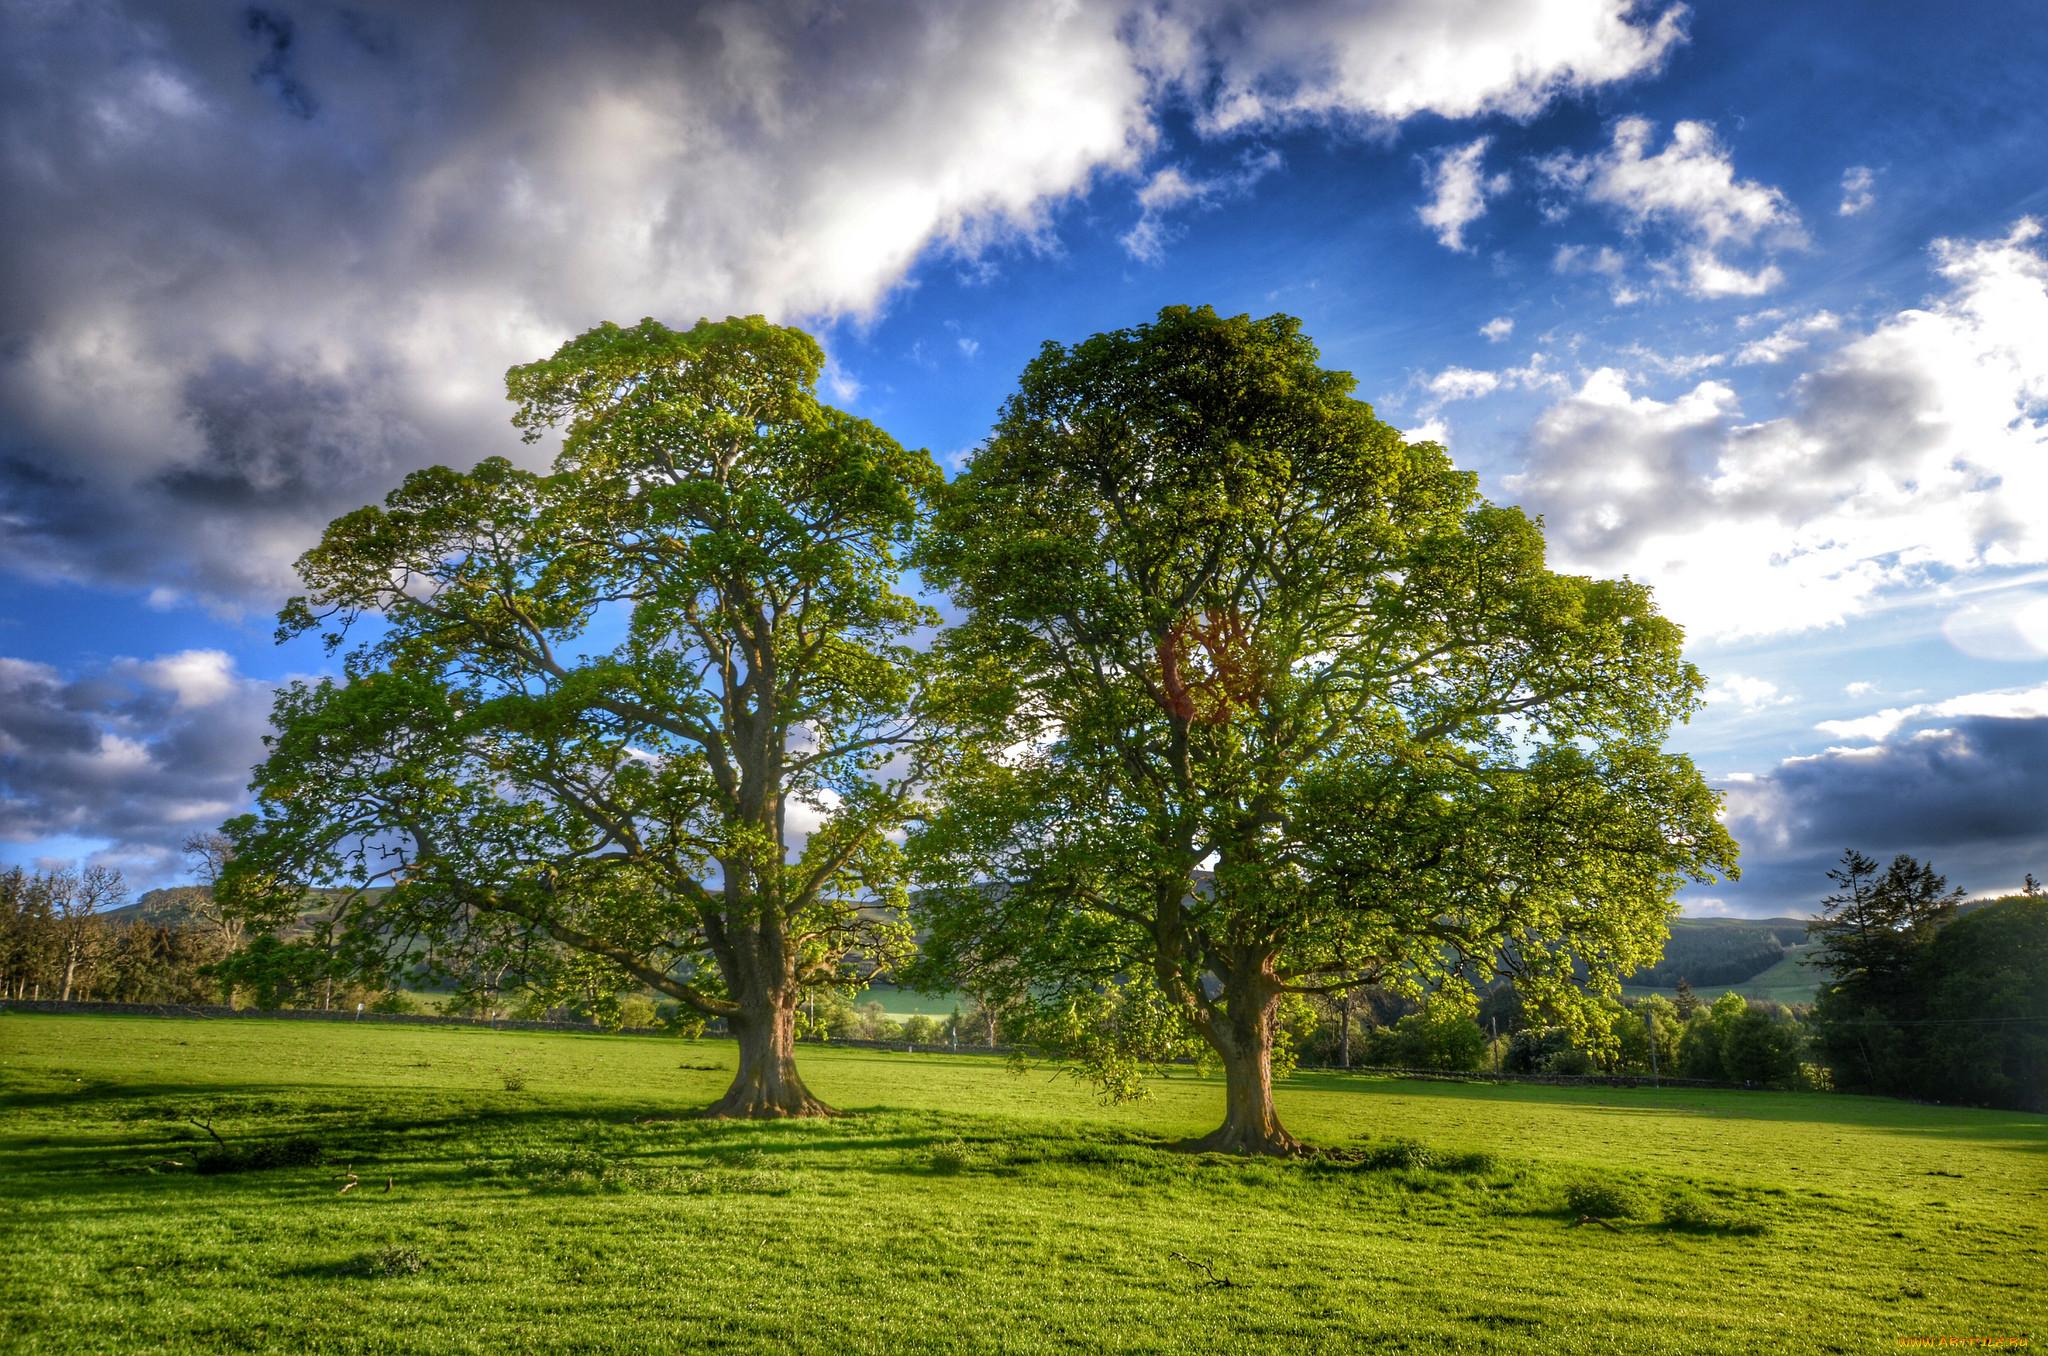 этом браке фотографии дерева дуба ребятишки после